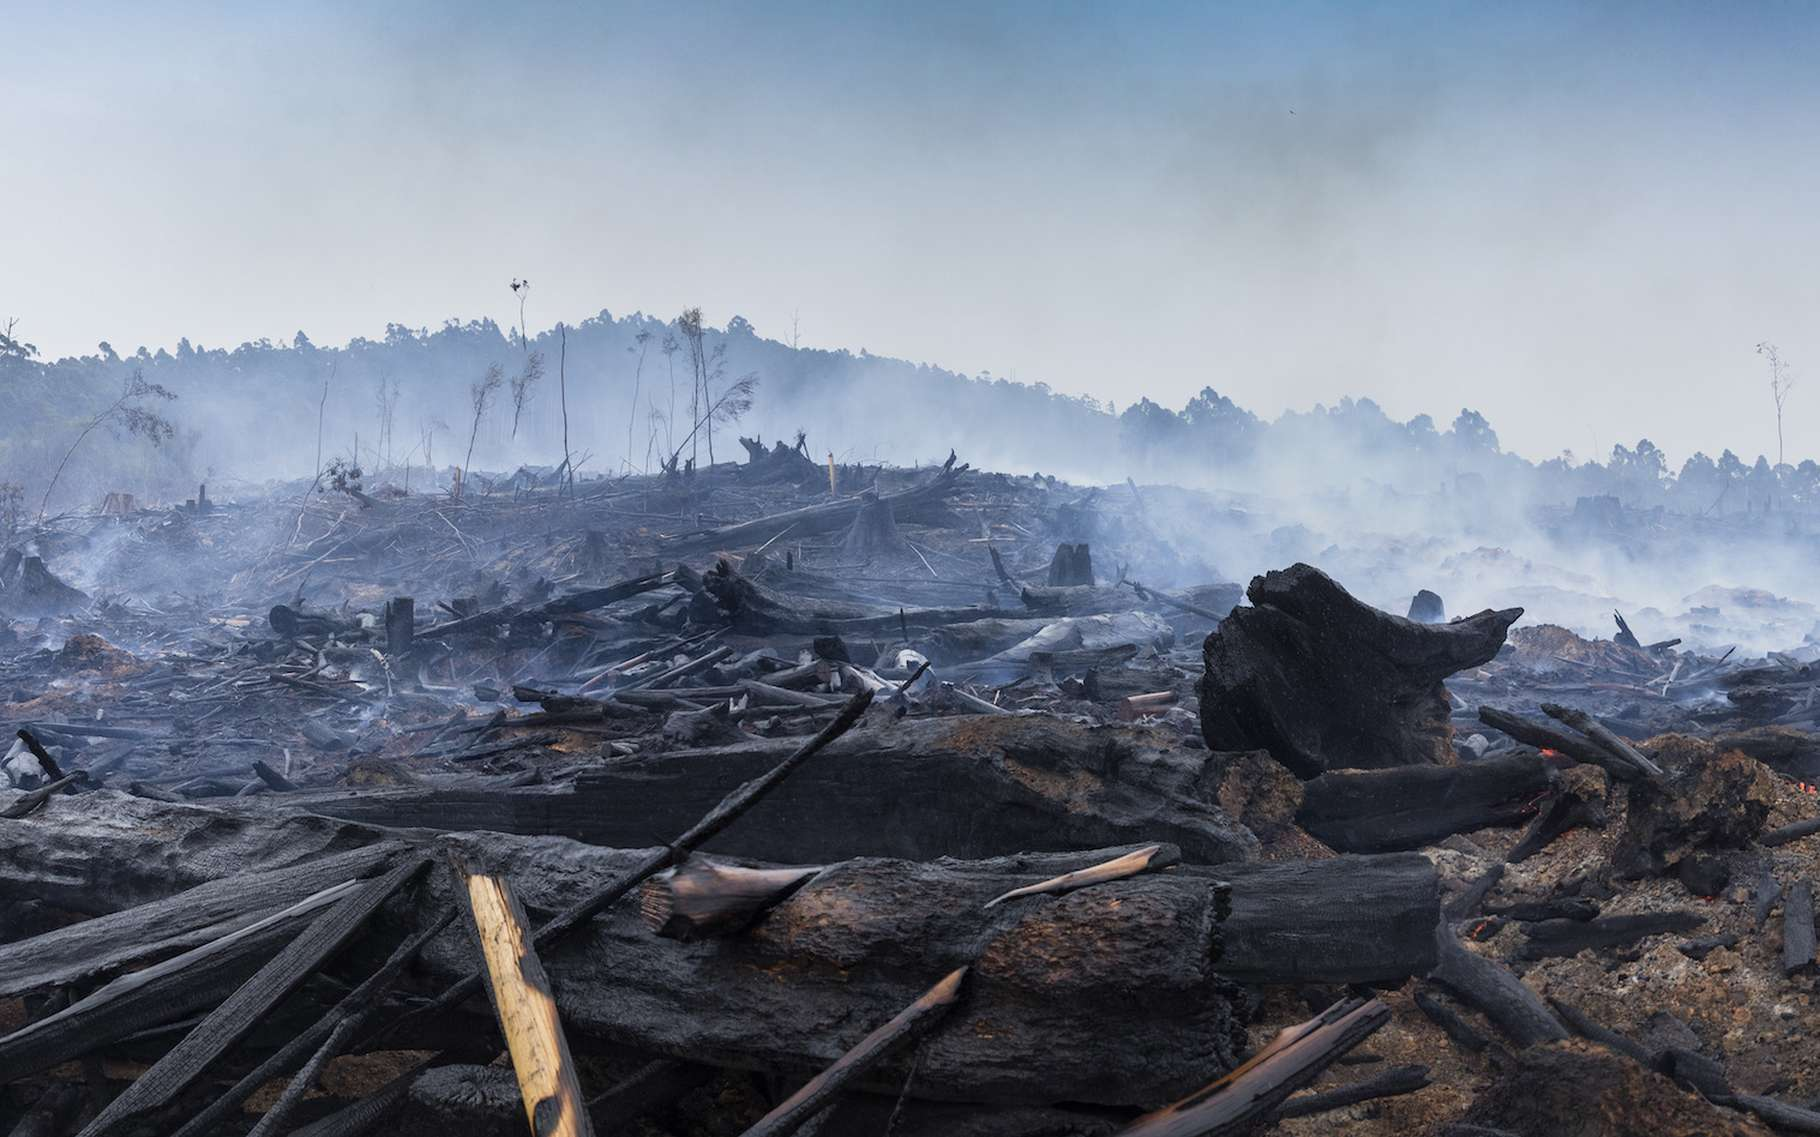 Le CO2 émis par les incendies en Australie voyagera tout autour de la planète et participera à l'établissement de nouveaux records de concentration atmosphérique. © jamenpercy, Adobe Stock